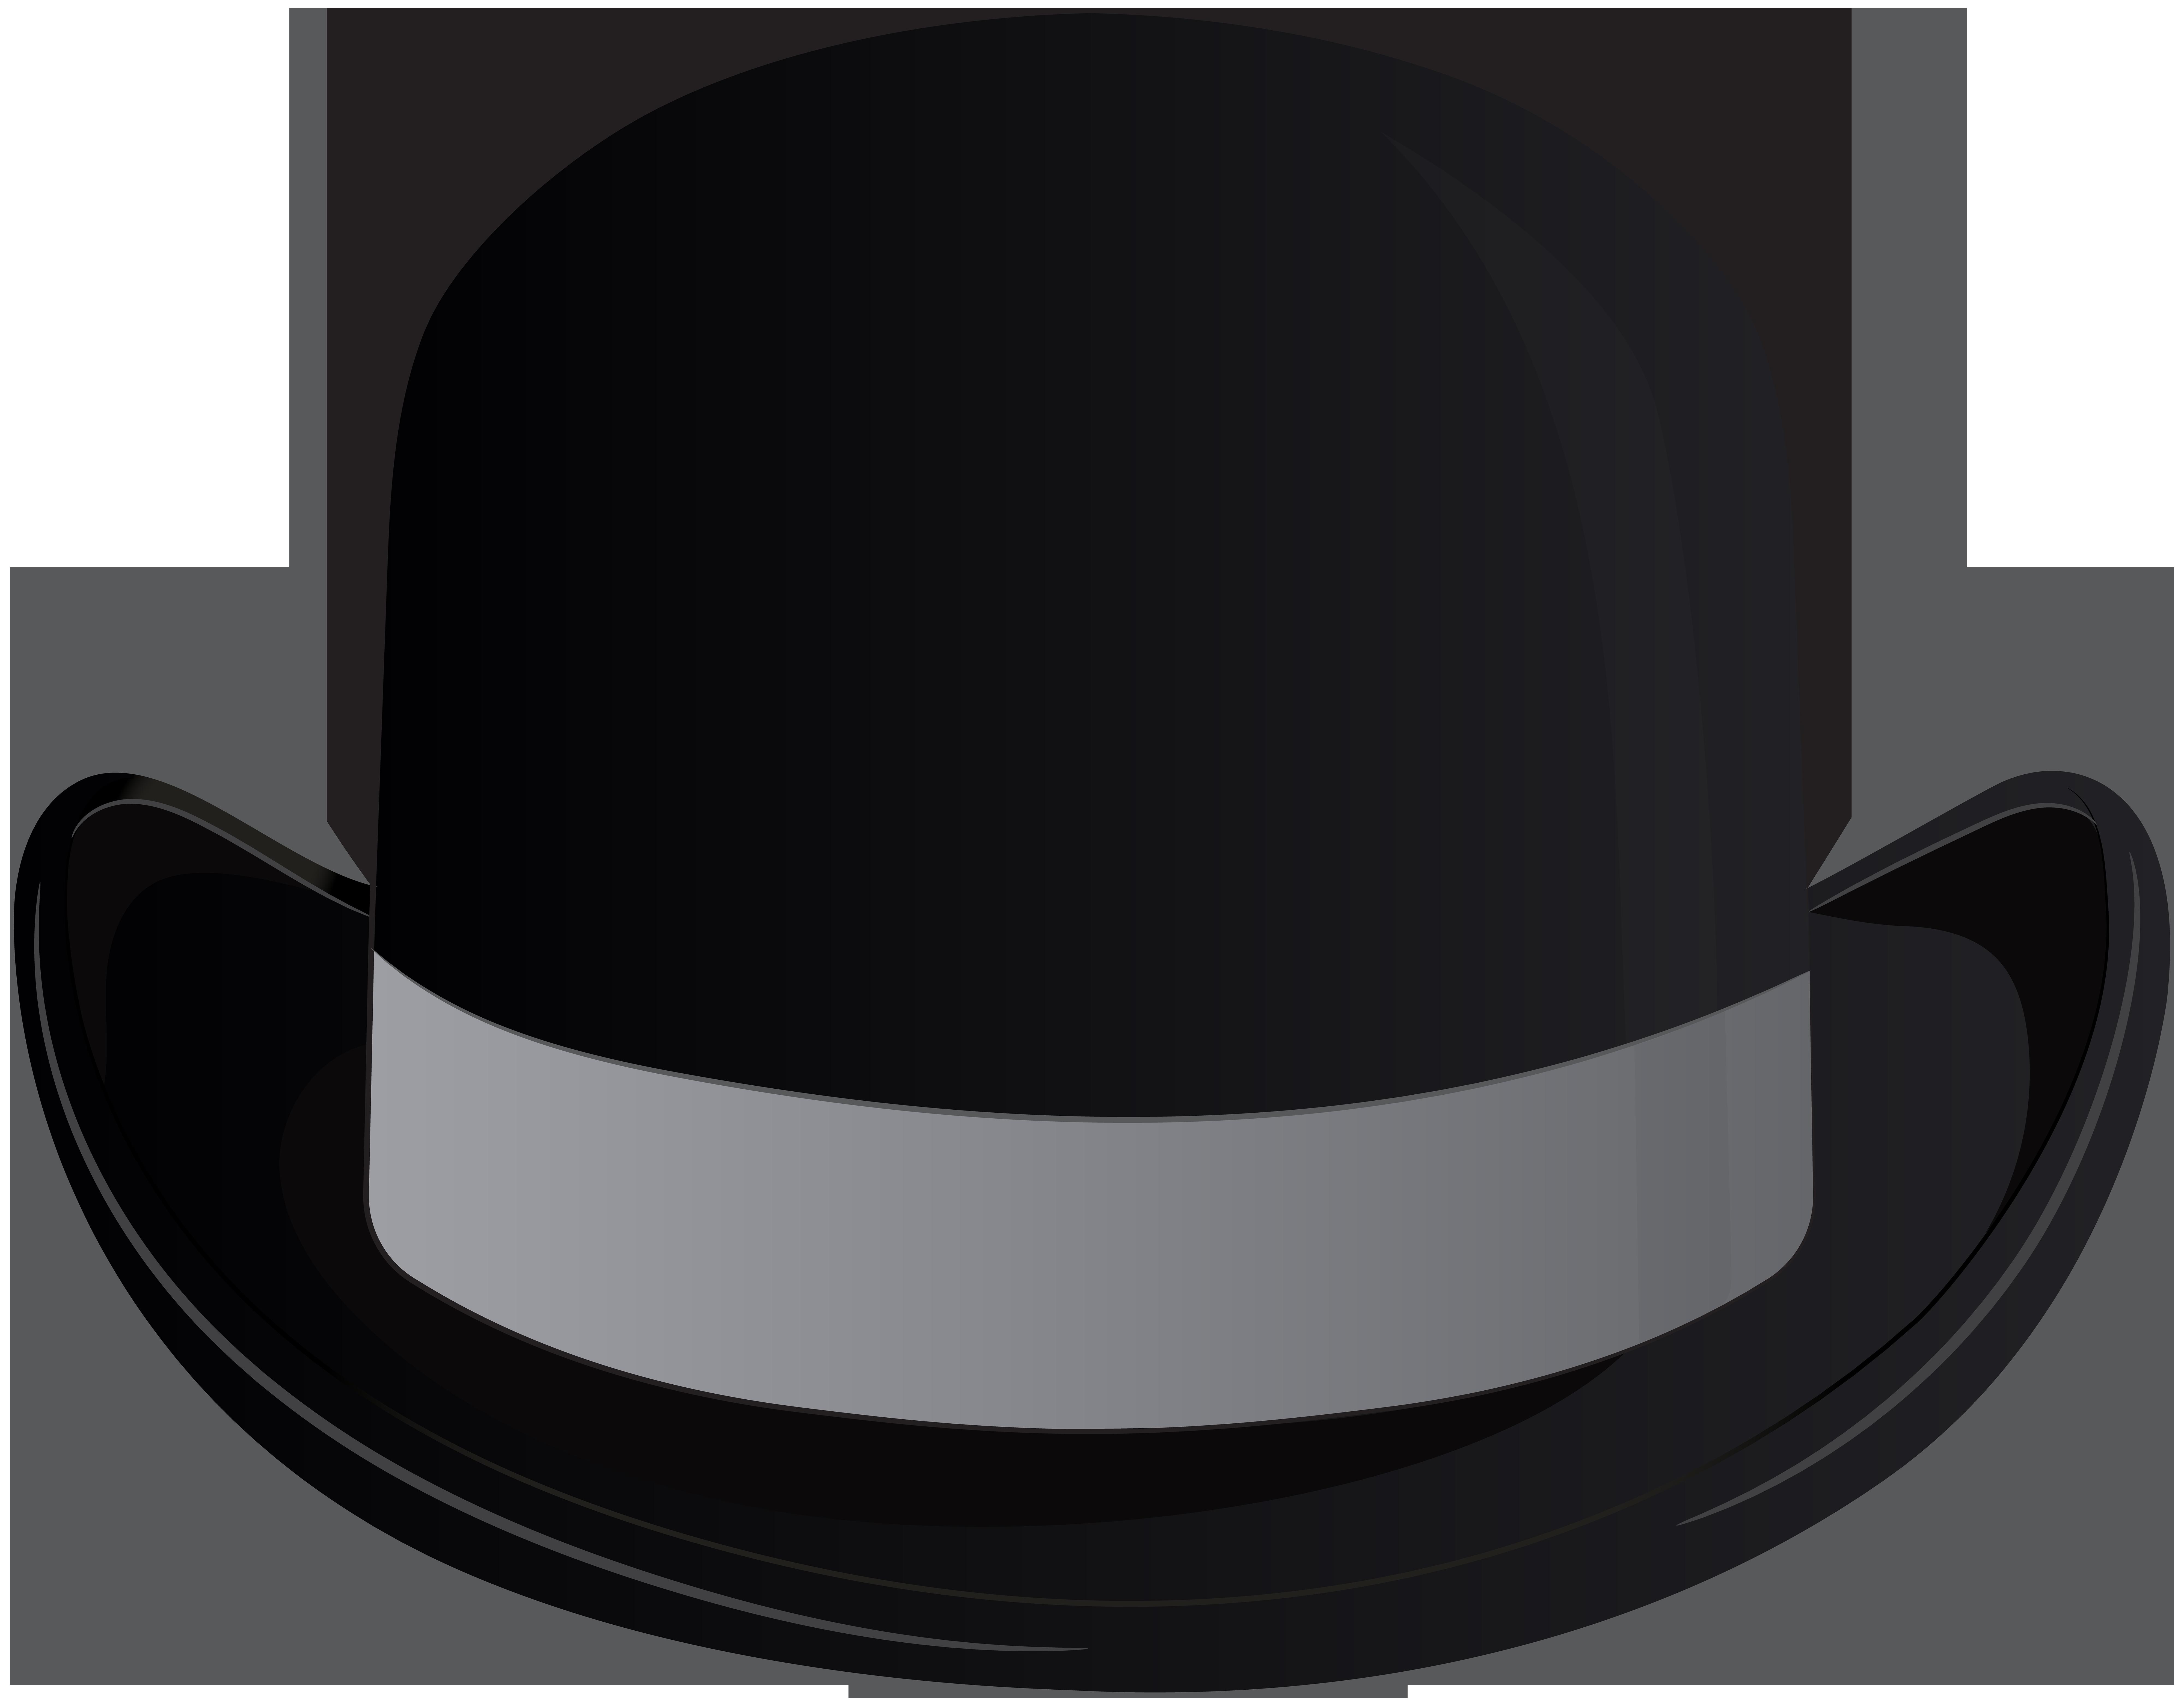 Hats clipart transparent background. Bowler hat clip art